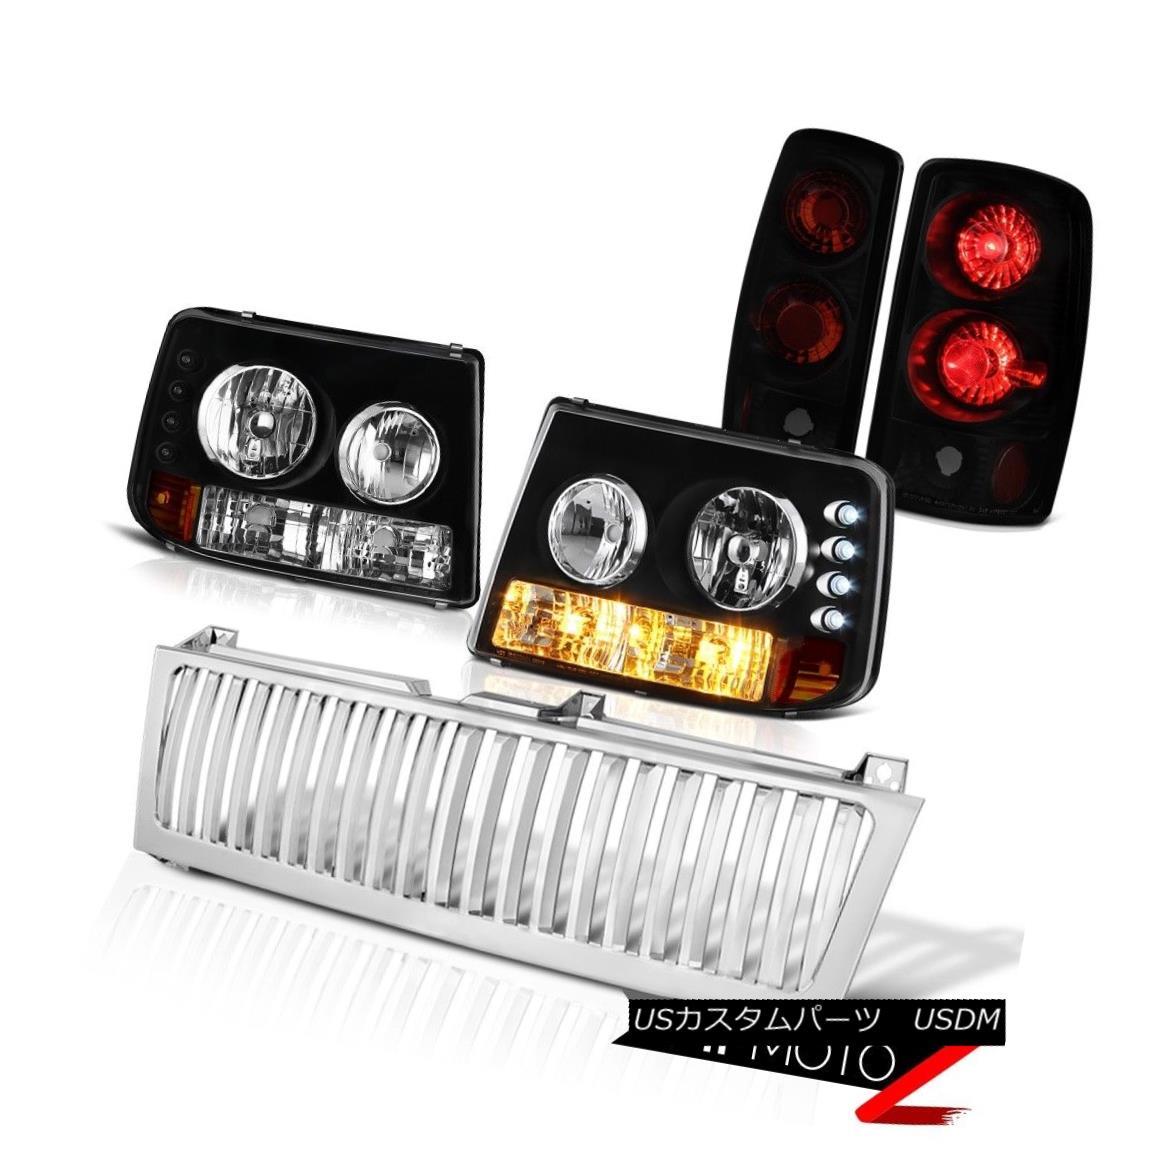 テールライト 2000-2006 Suburban Z71 Black Bumper Headlight Sinister Tail Lights Chrome Grille 2000-2006郊外Z71ブラックバンパーヘッドライトサニスターテールライトクロームグリル